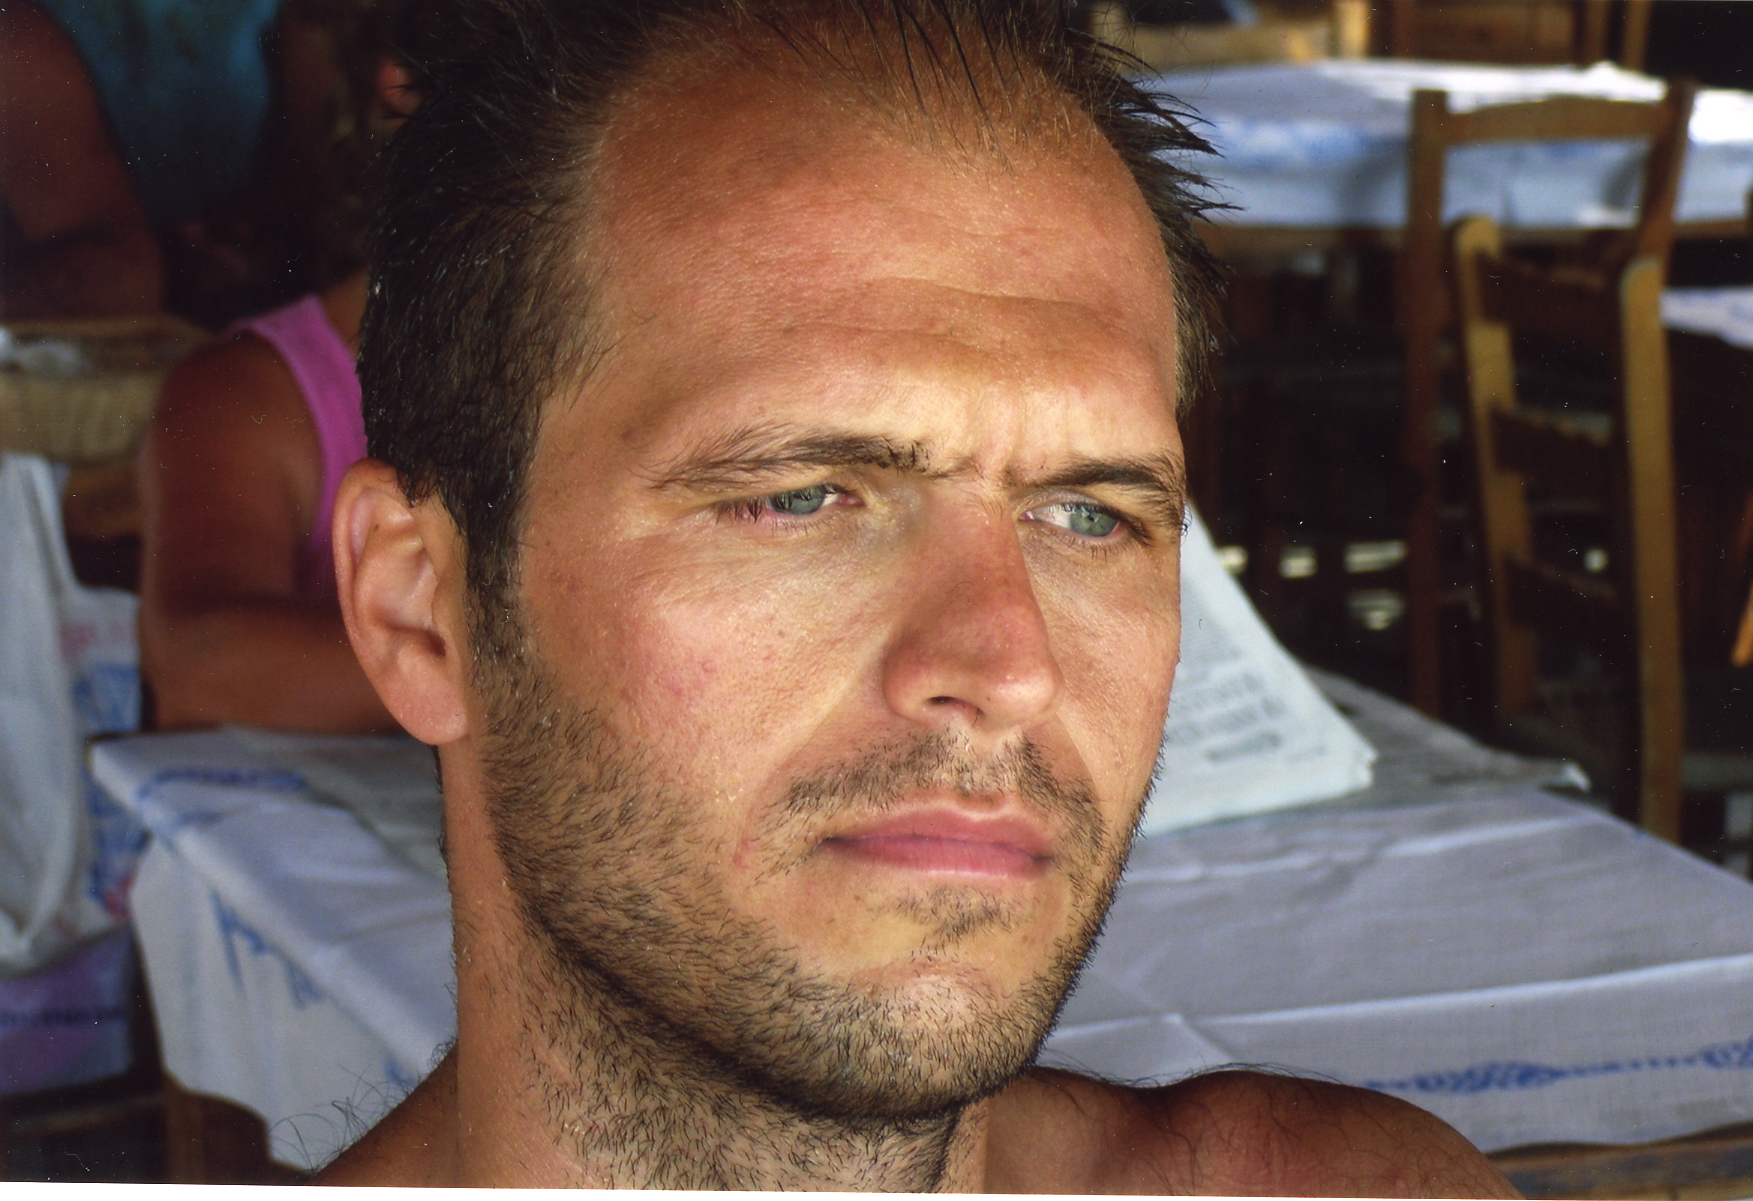 Καταλυτικής σημασίας για την σύλληψη των μελών του Ε.Α. Ήταν η αιματηρή συμπλοκή στη Δάφνη με το θανάσιμο τραυματισμό του Λάμπρου Φούντα